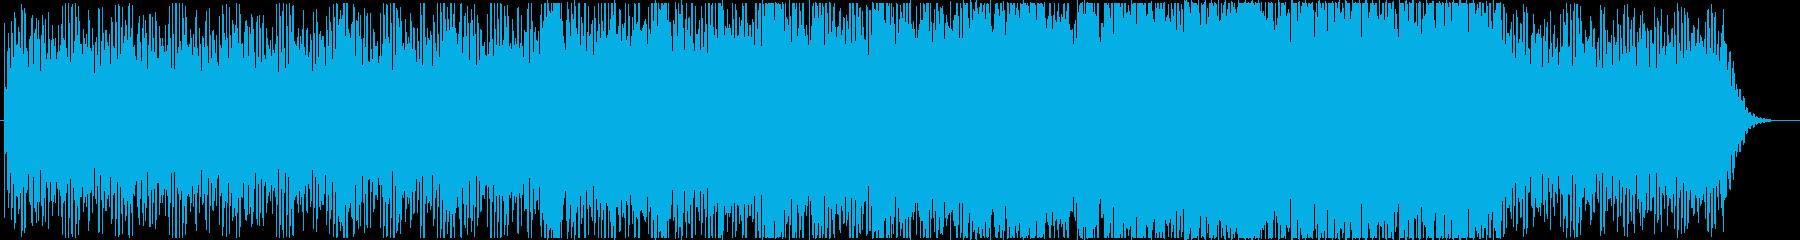 雫~大河への変化を感じる曲の再生済みの波形